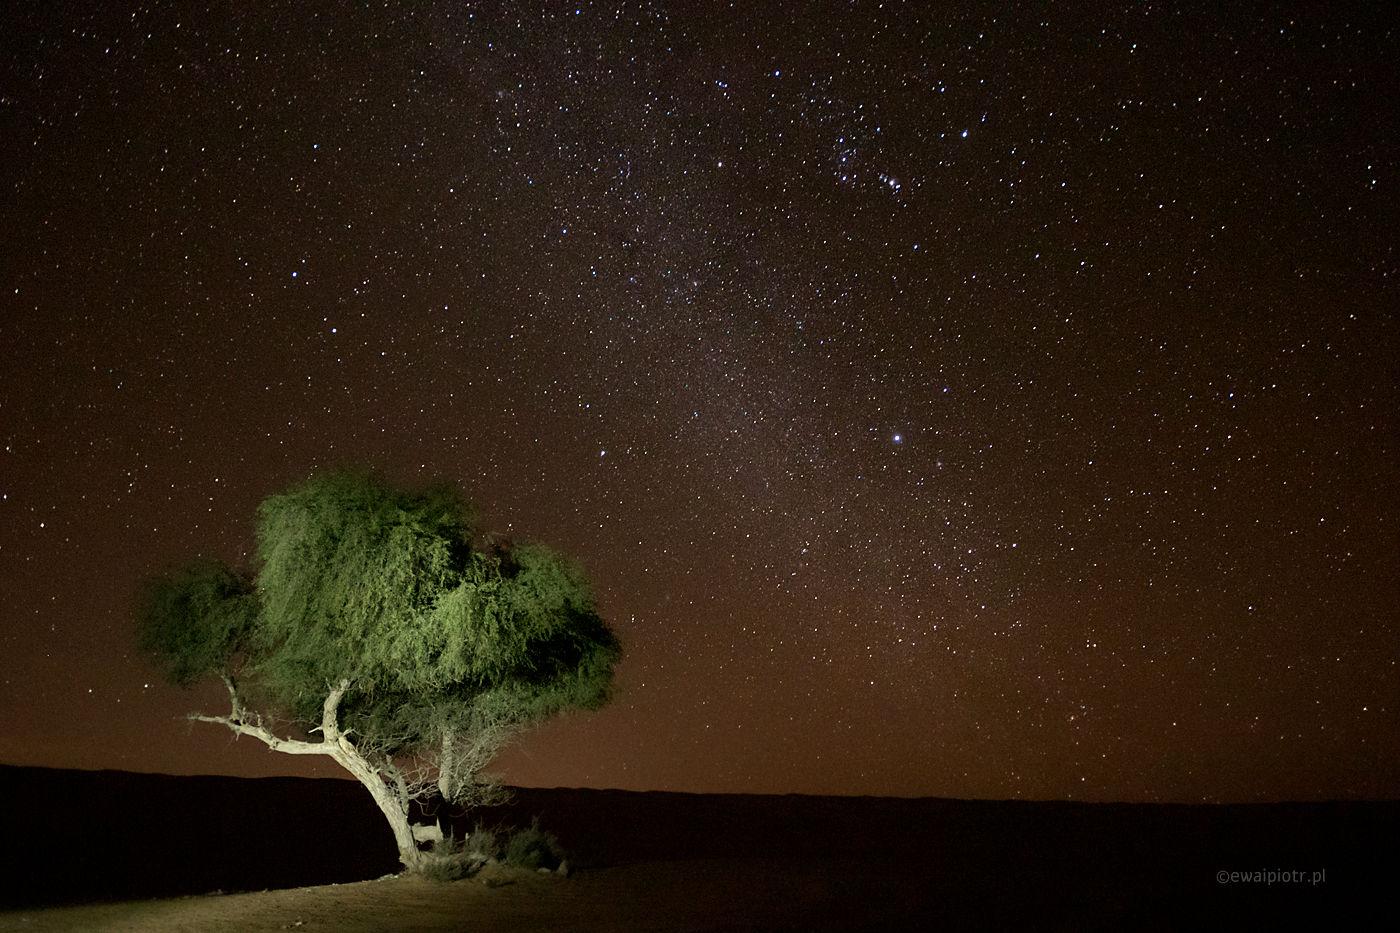 Gwiaździsta Noc w Omanie